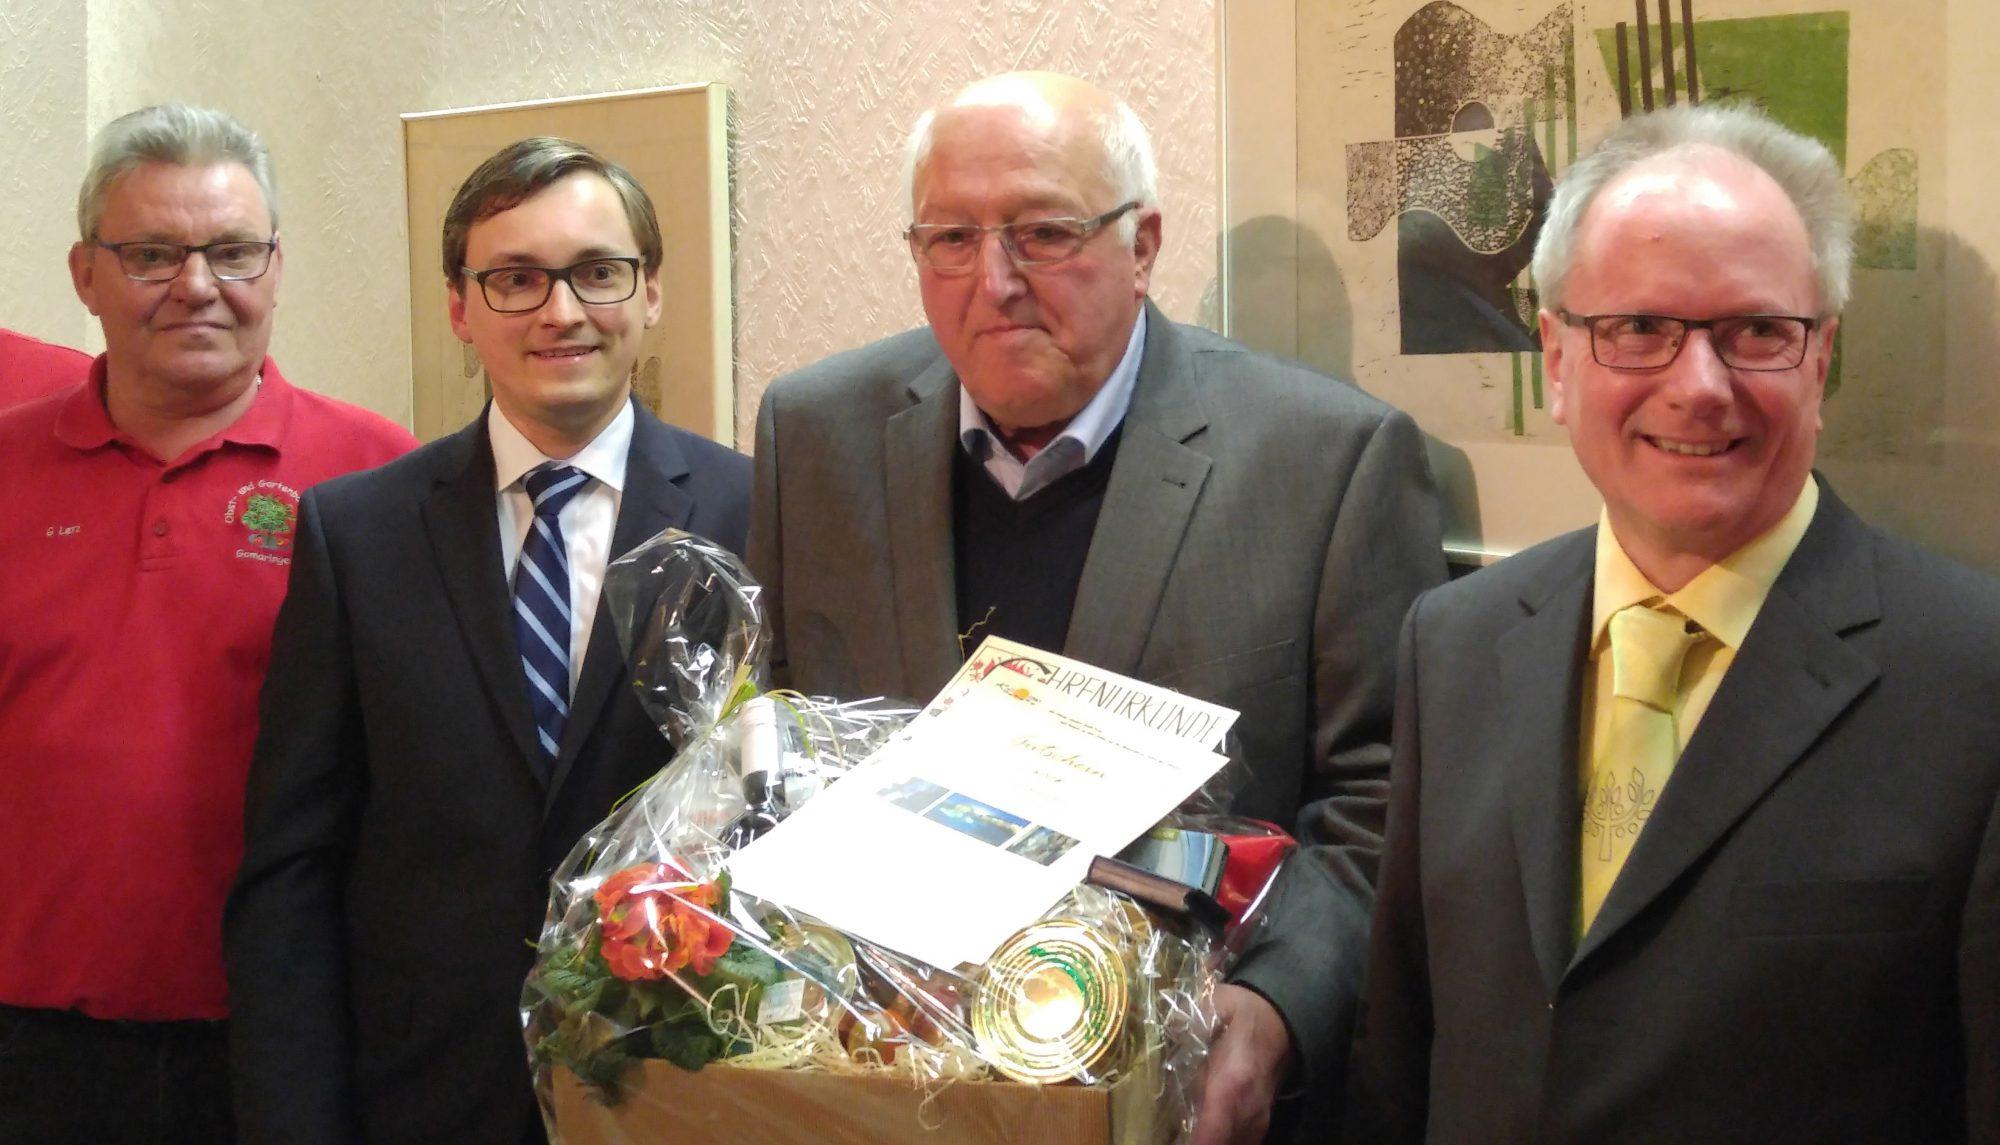 Ludwig Junger wird vom OGV Gomaringen geehrt, links Günter Letz, Bürgermeister Steffen Heß, rechts Gerold Maier (KOV Tübingen)